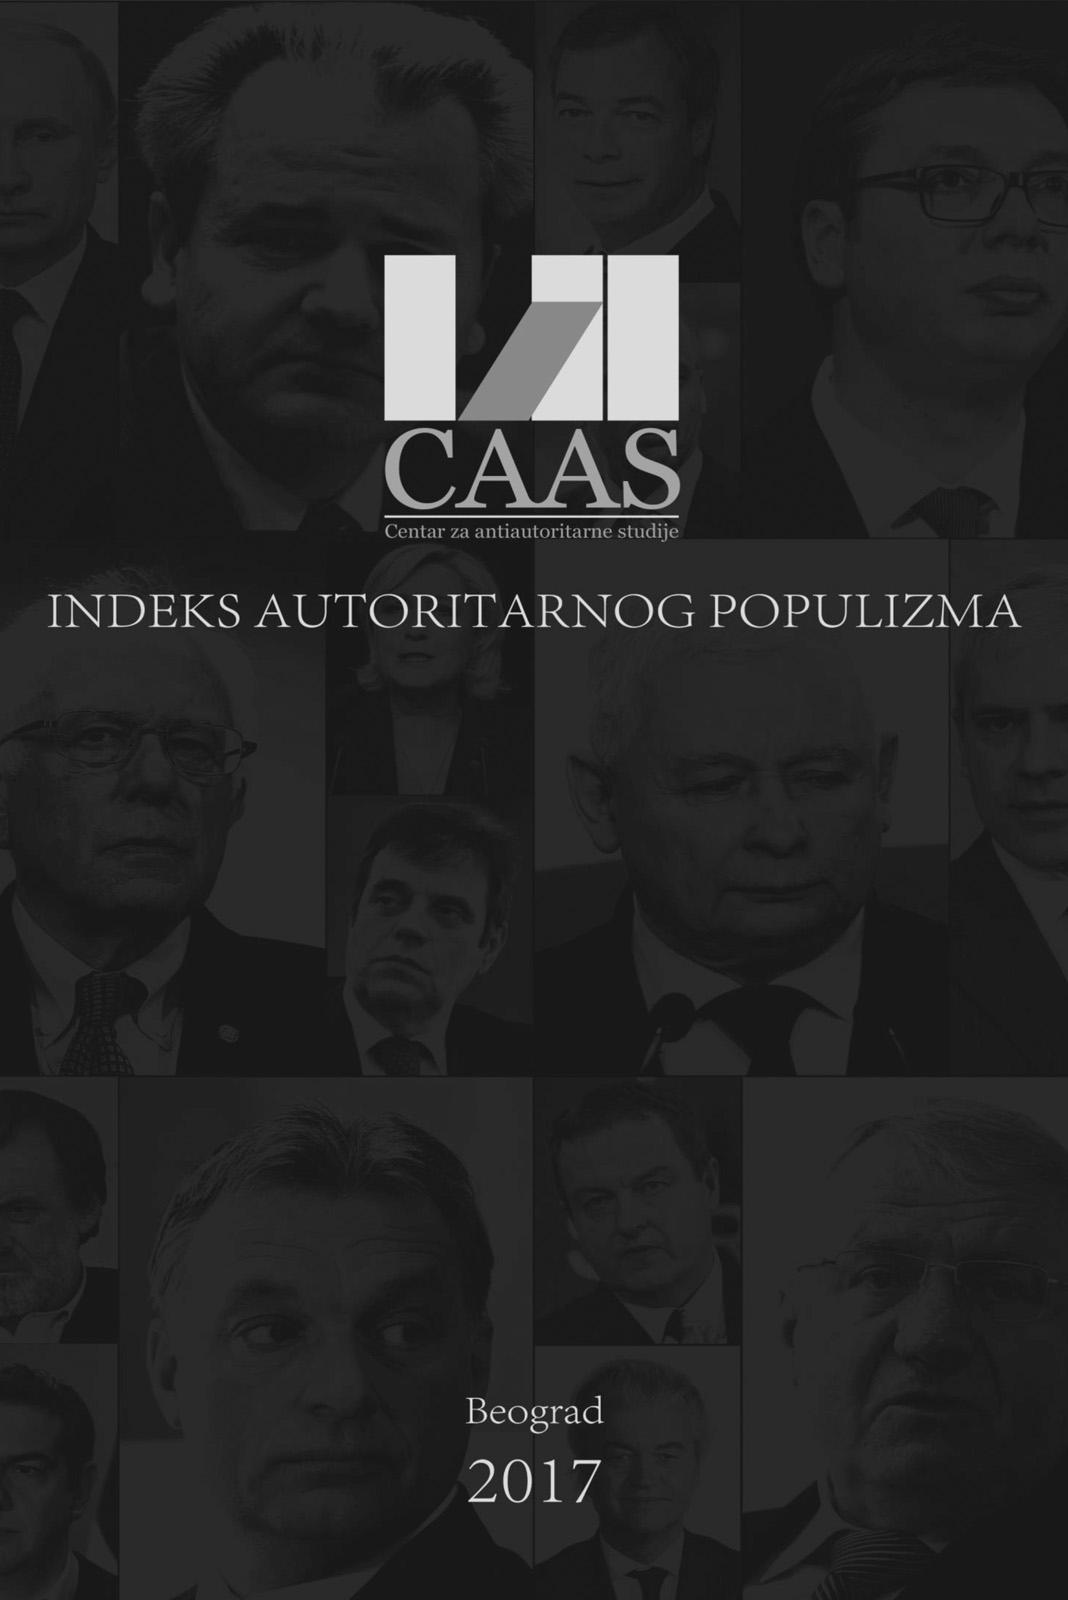 Indeks autoritarnog populizma